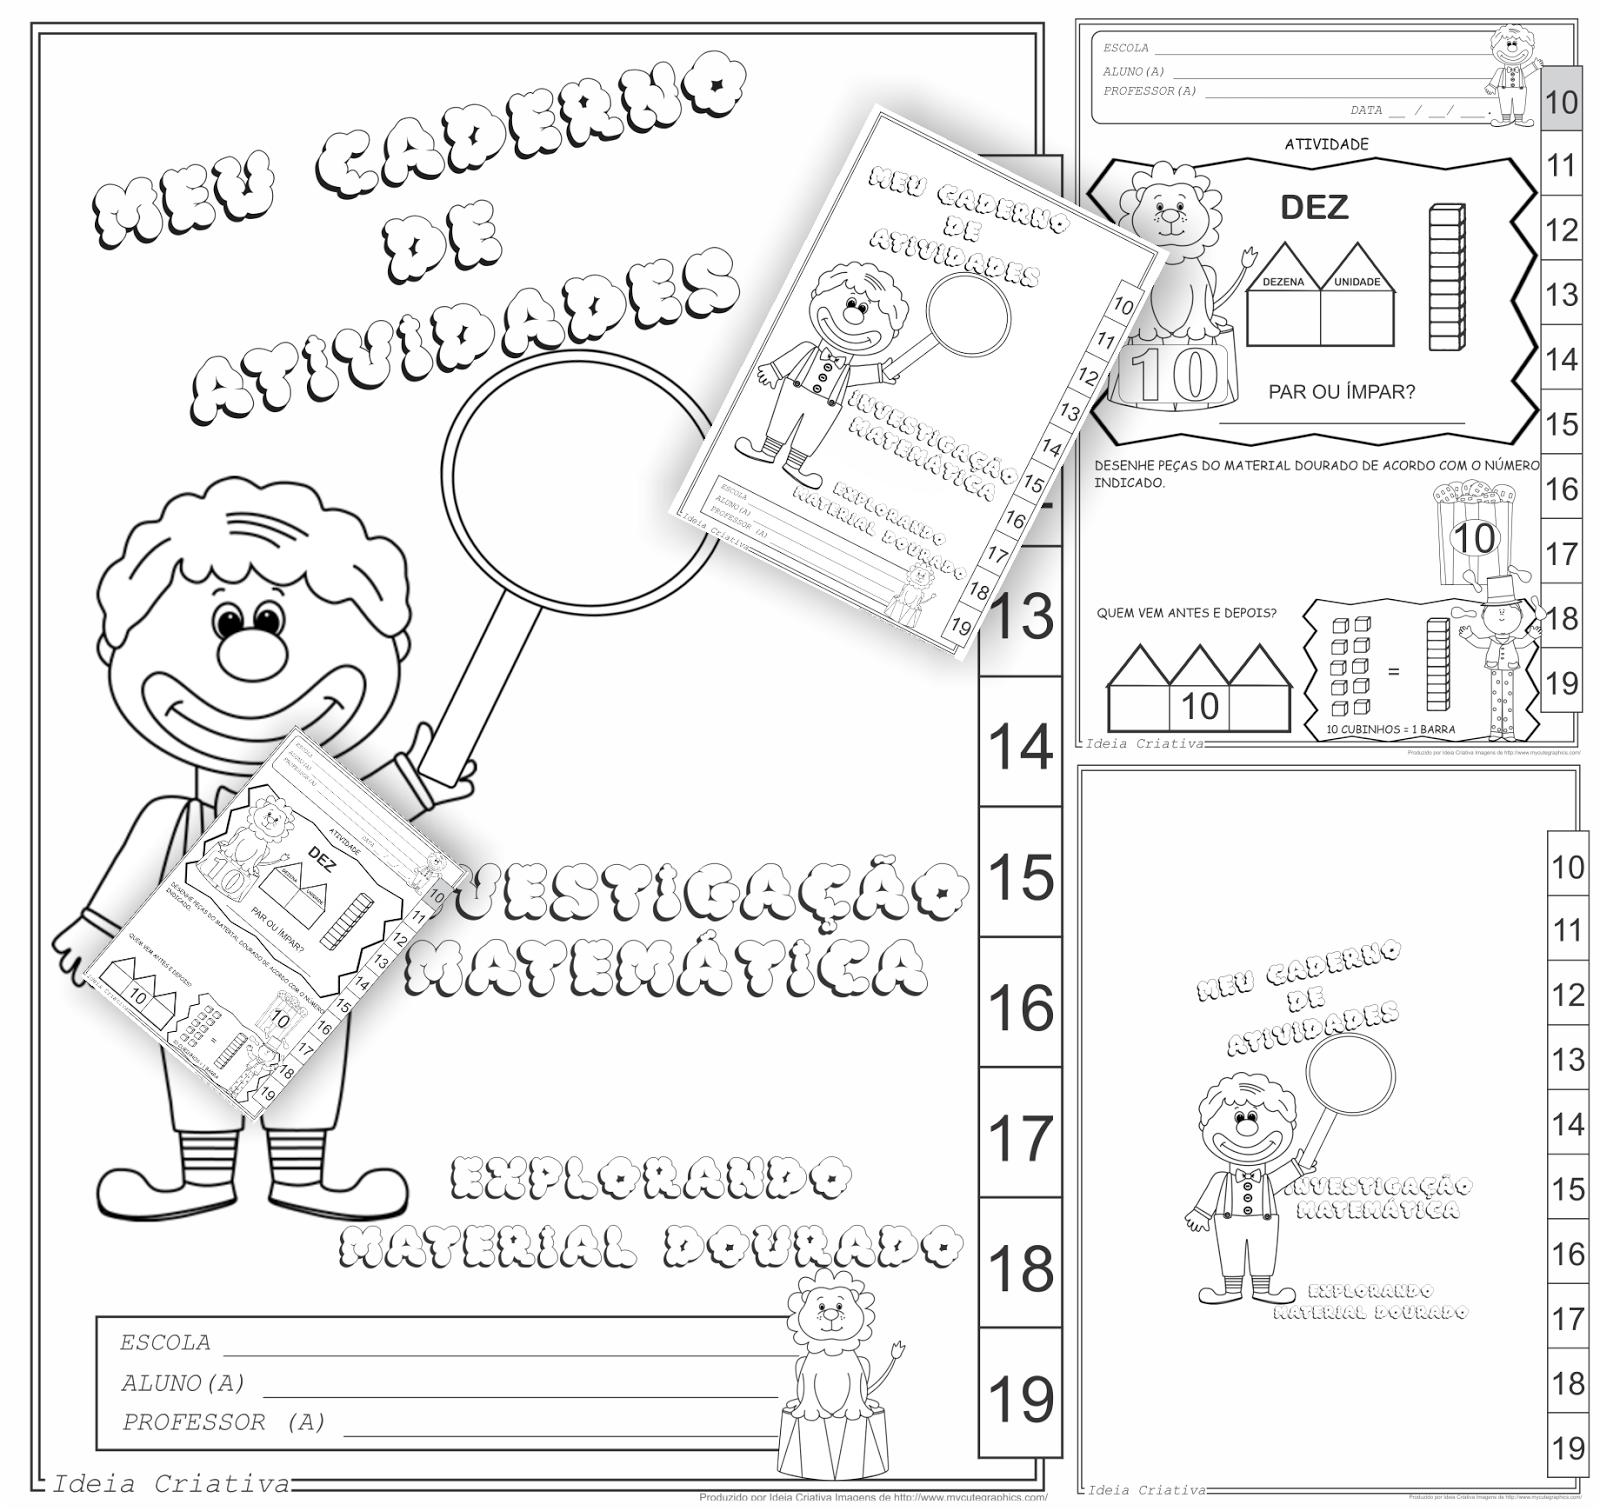 Cadernos de Atividades Investigação Matemática Explorando Material Dourado Vol I Vol II e Vol III